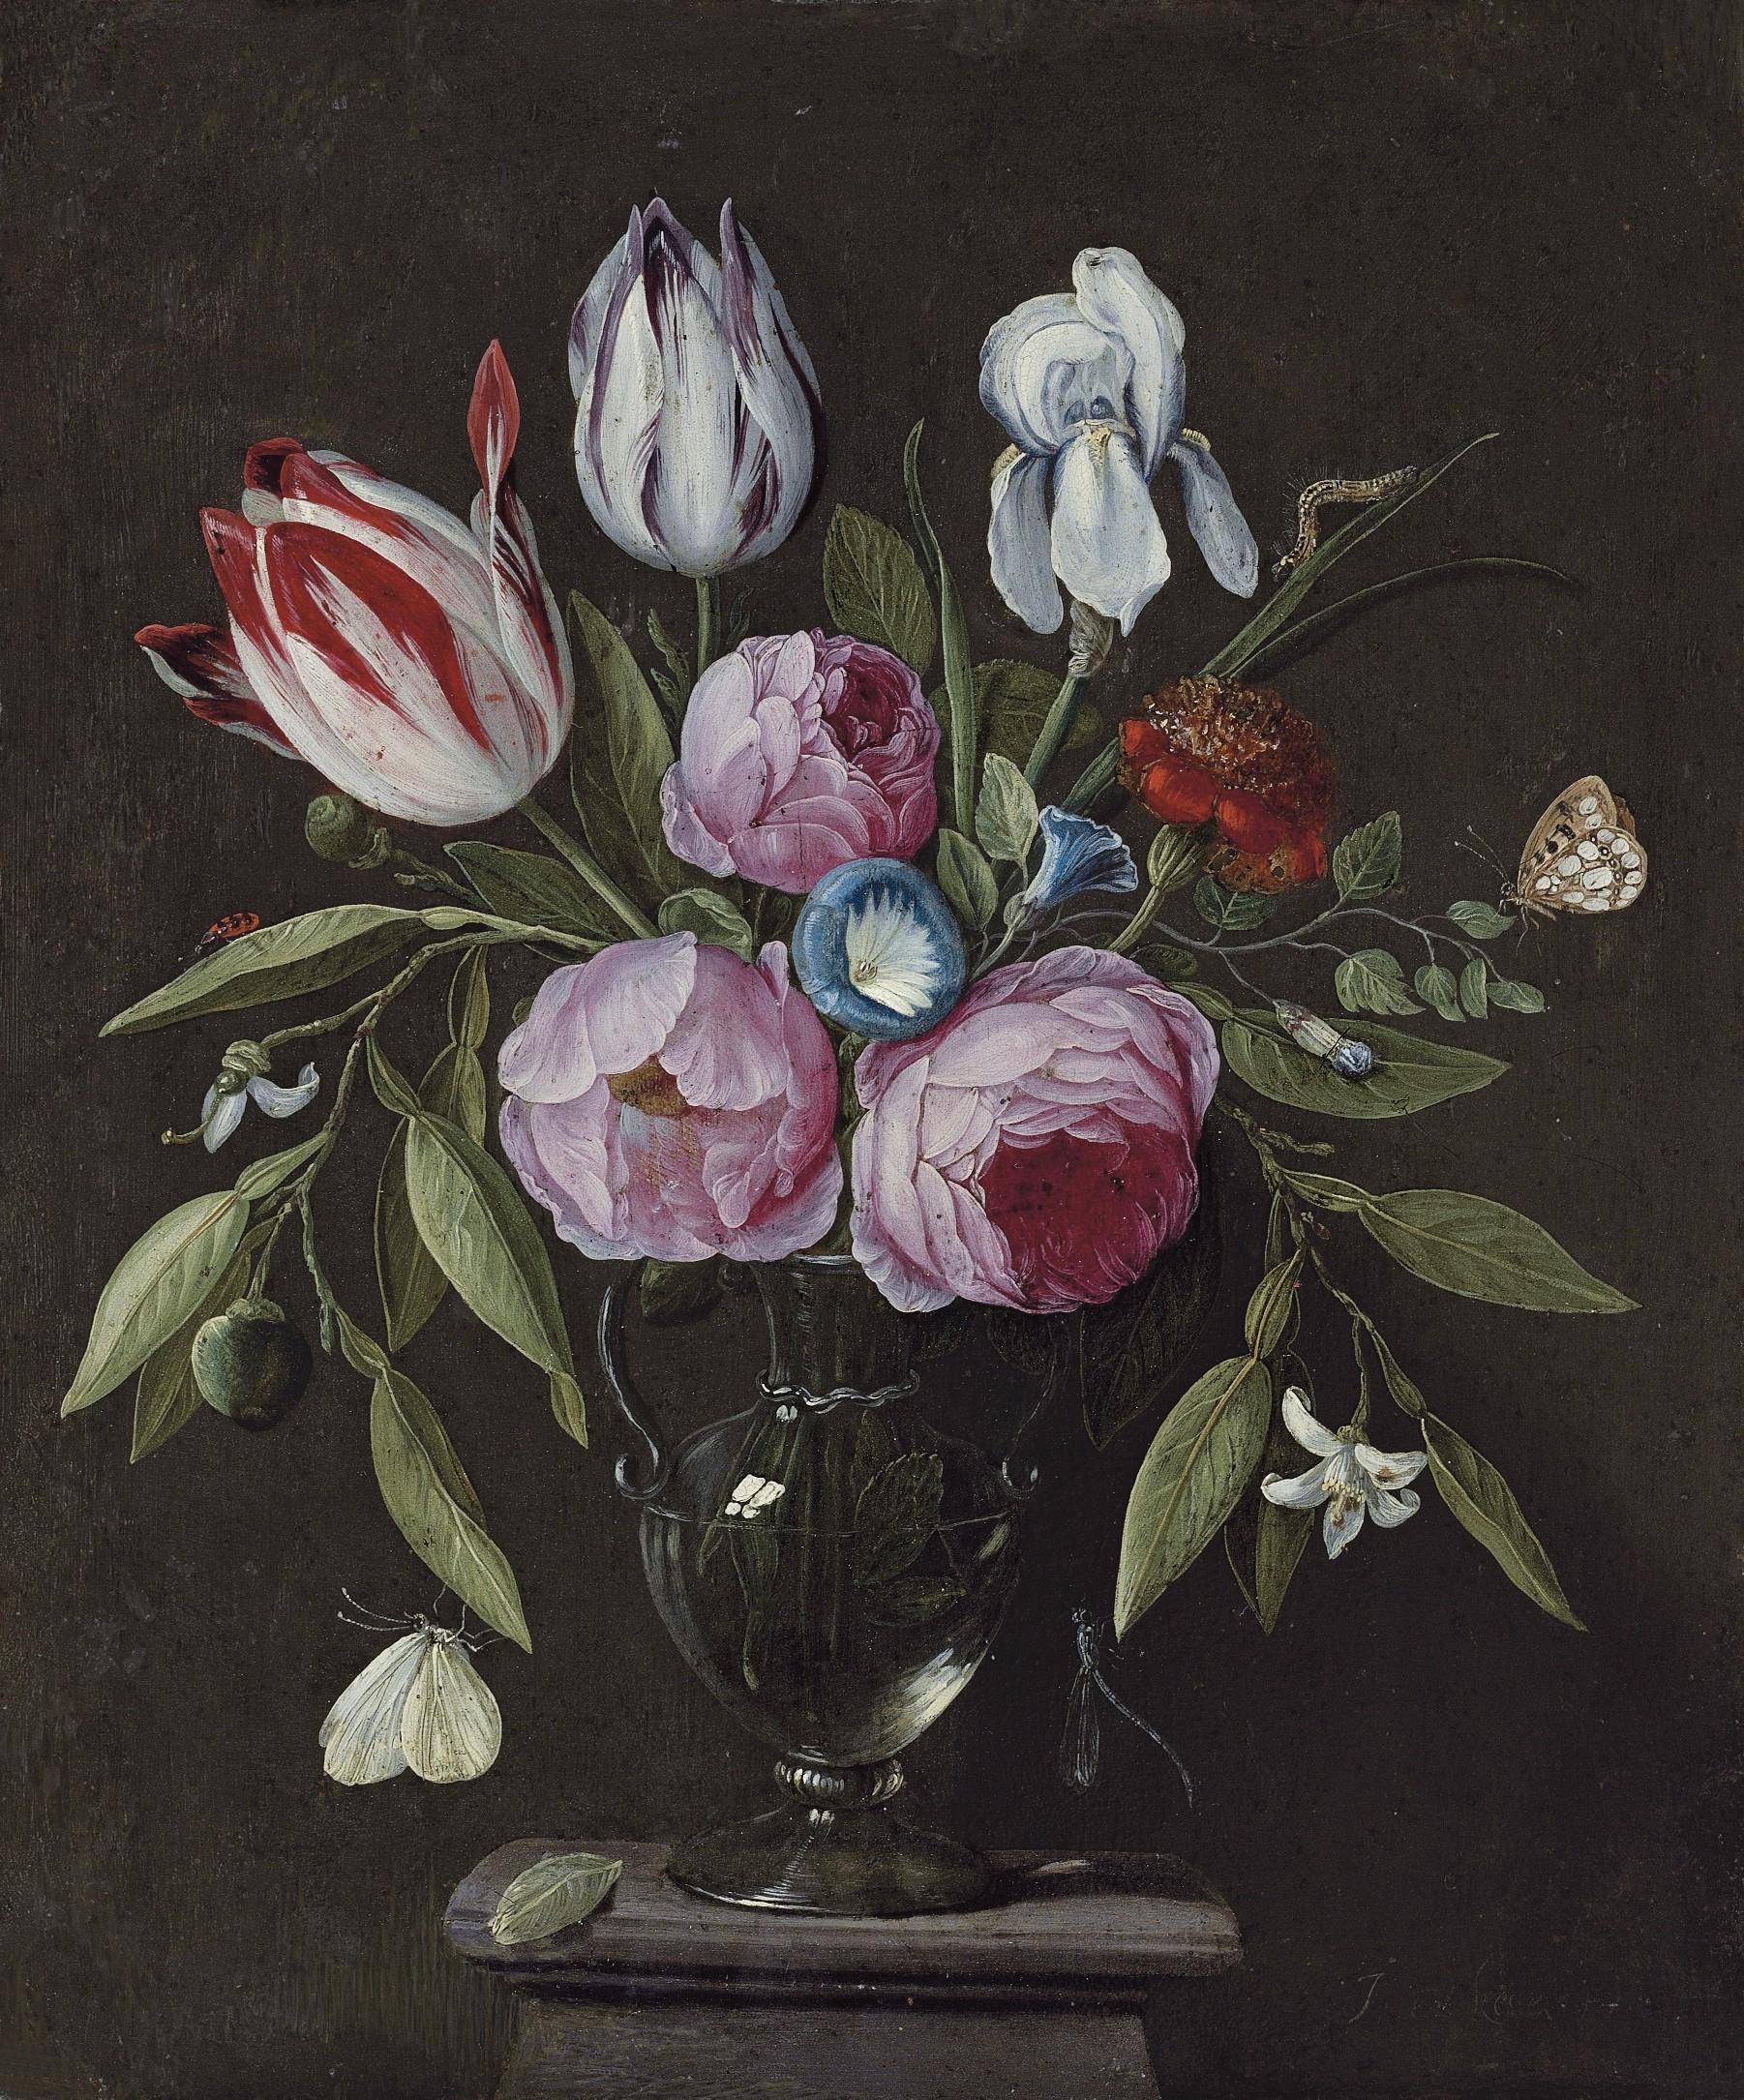 https://upload.wikimedia.org/wikipedia/commons/0/03/Jan_van_Kessel_de_Oude_-_Rozen%2C_tulpen%2C_een_iris_en_andere_bloemen_etc.jpg